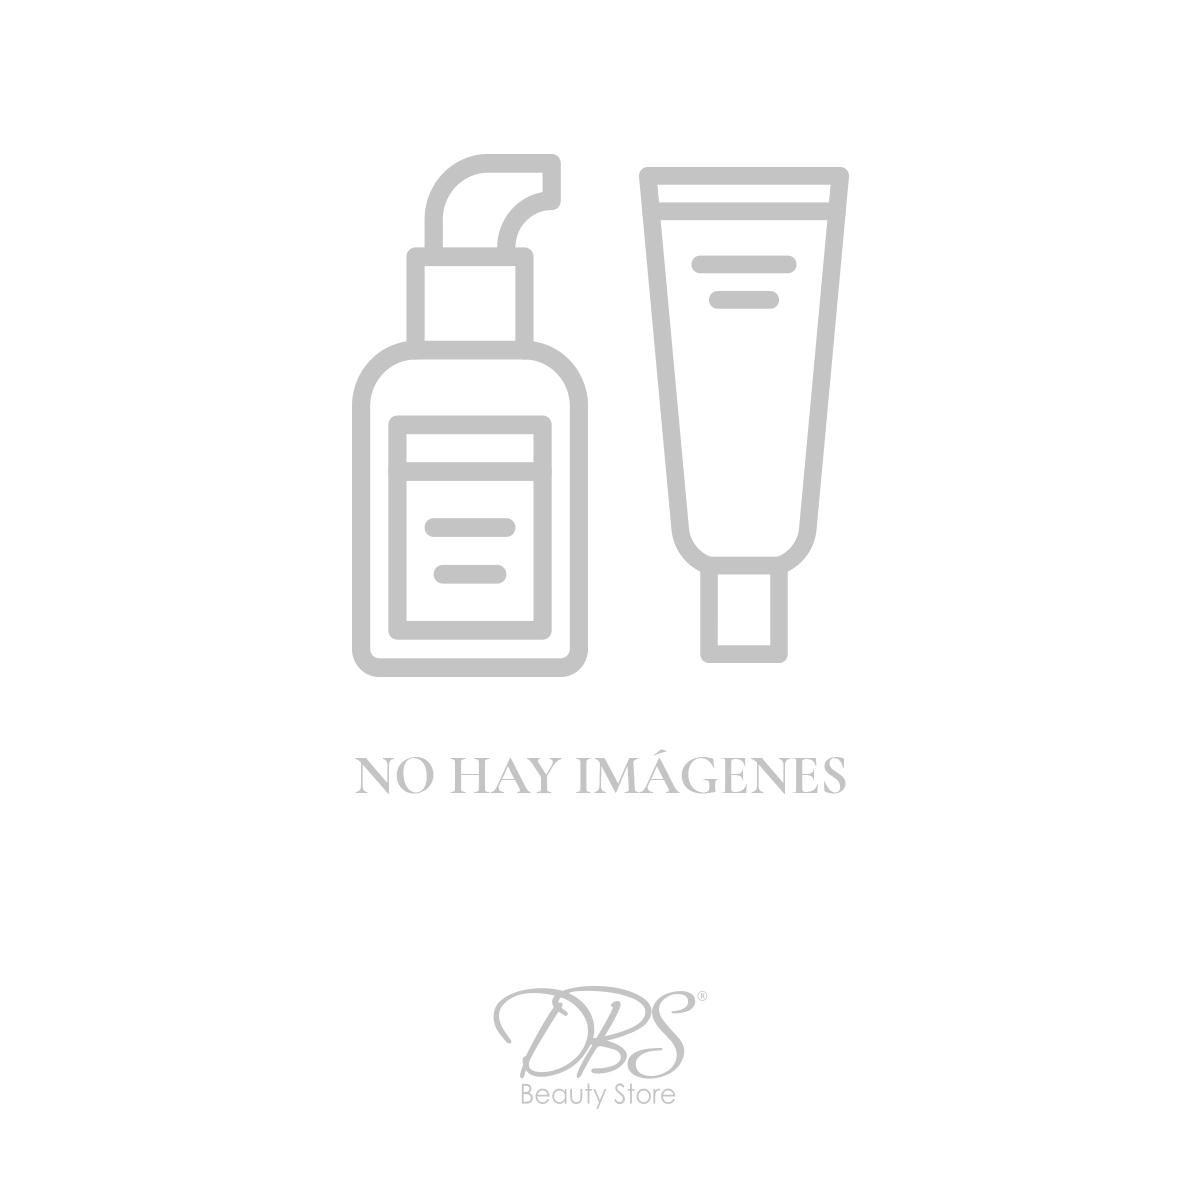 bath-and-body-works-BW-01095.jpg